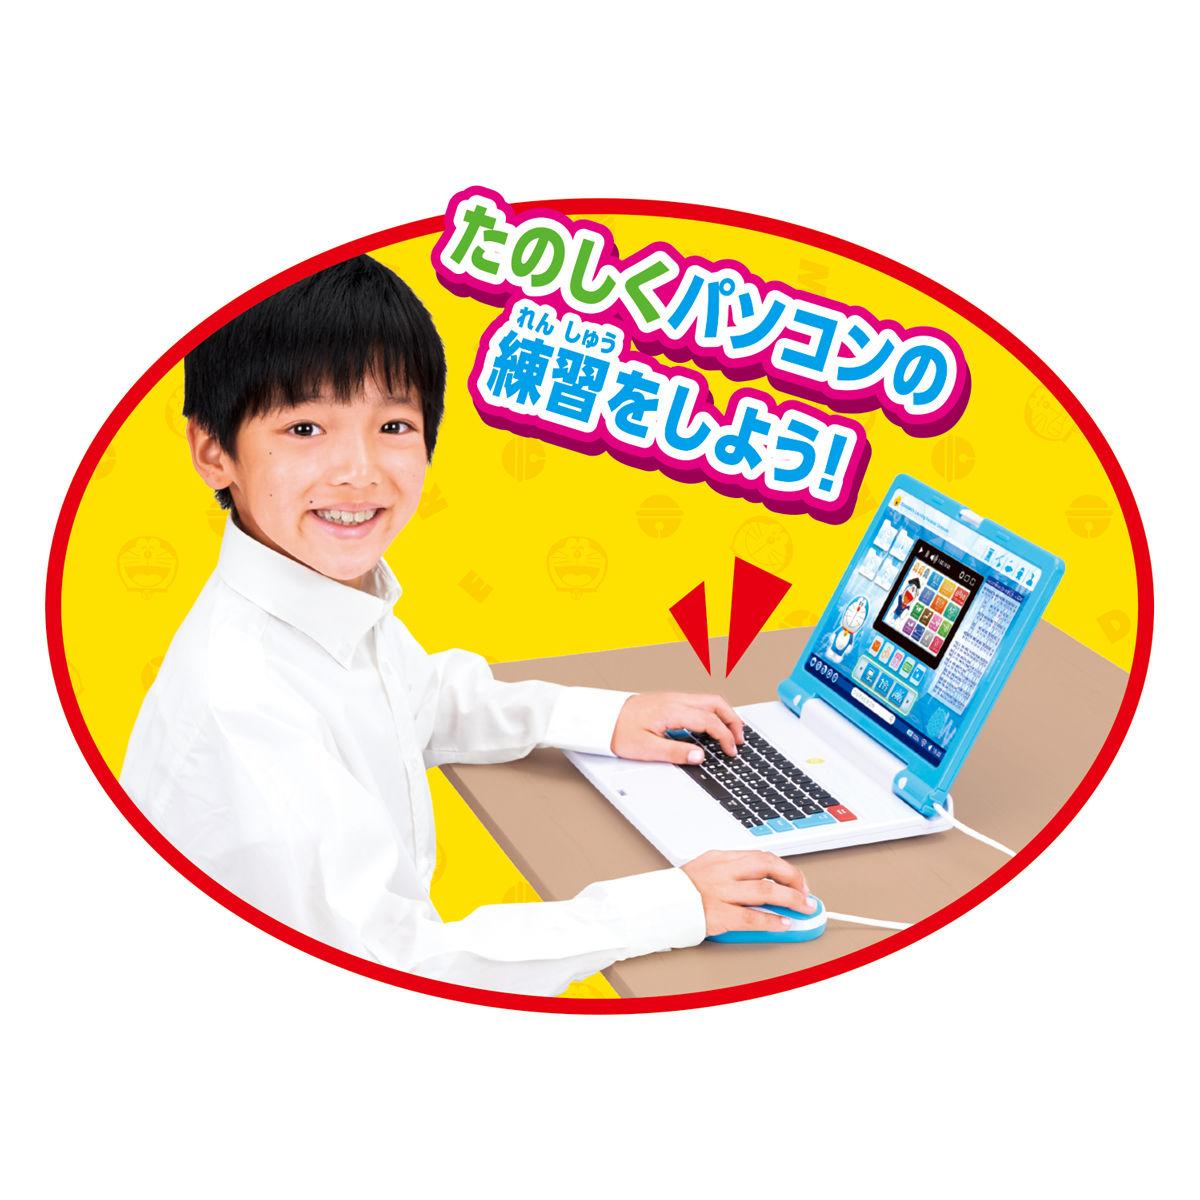 ドラえもんラーニングパソコン